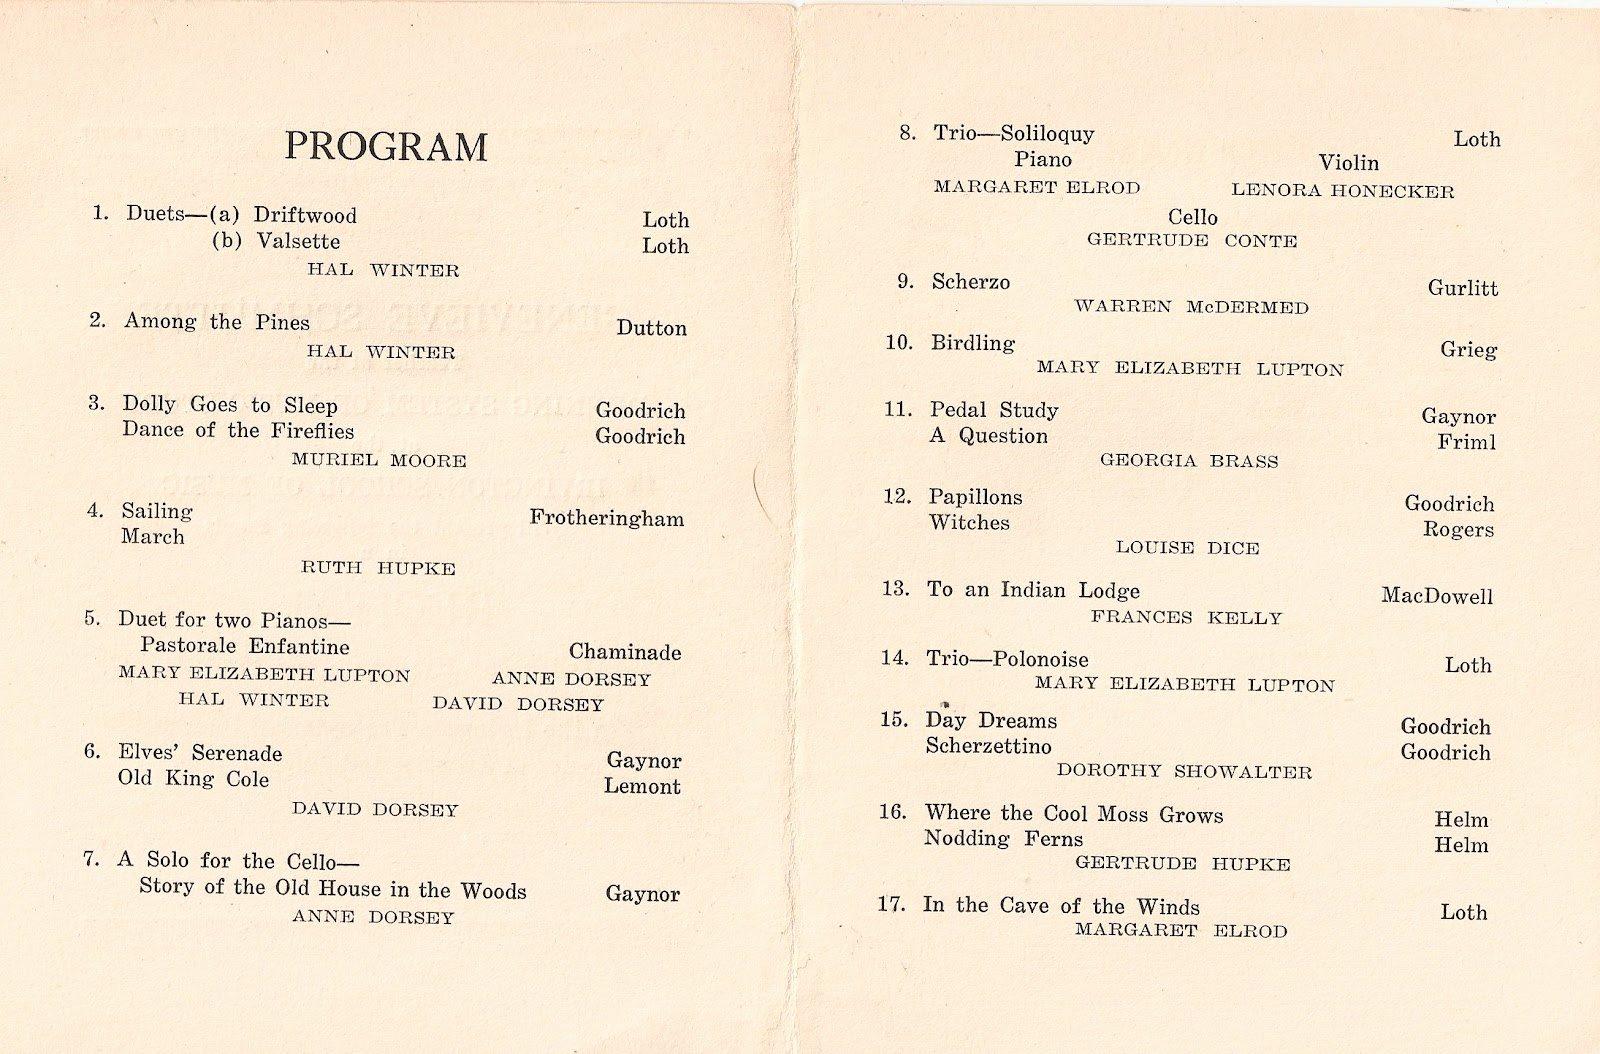 Musical Program Templates Elegant Music Recital Program Templates Free Colesecolossus